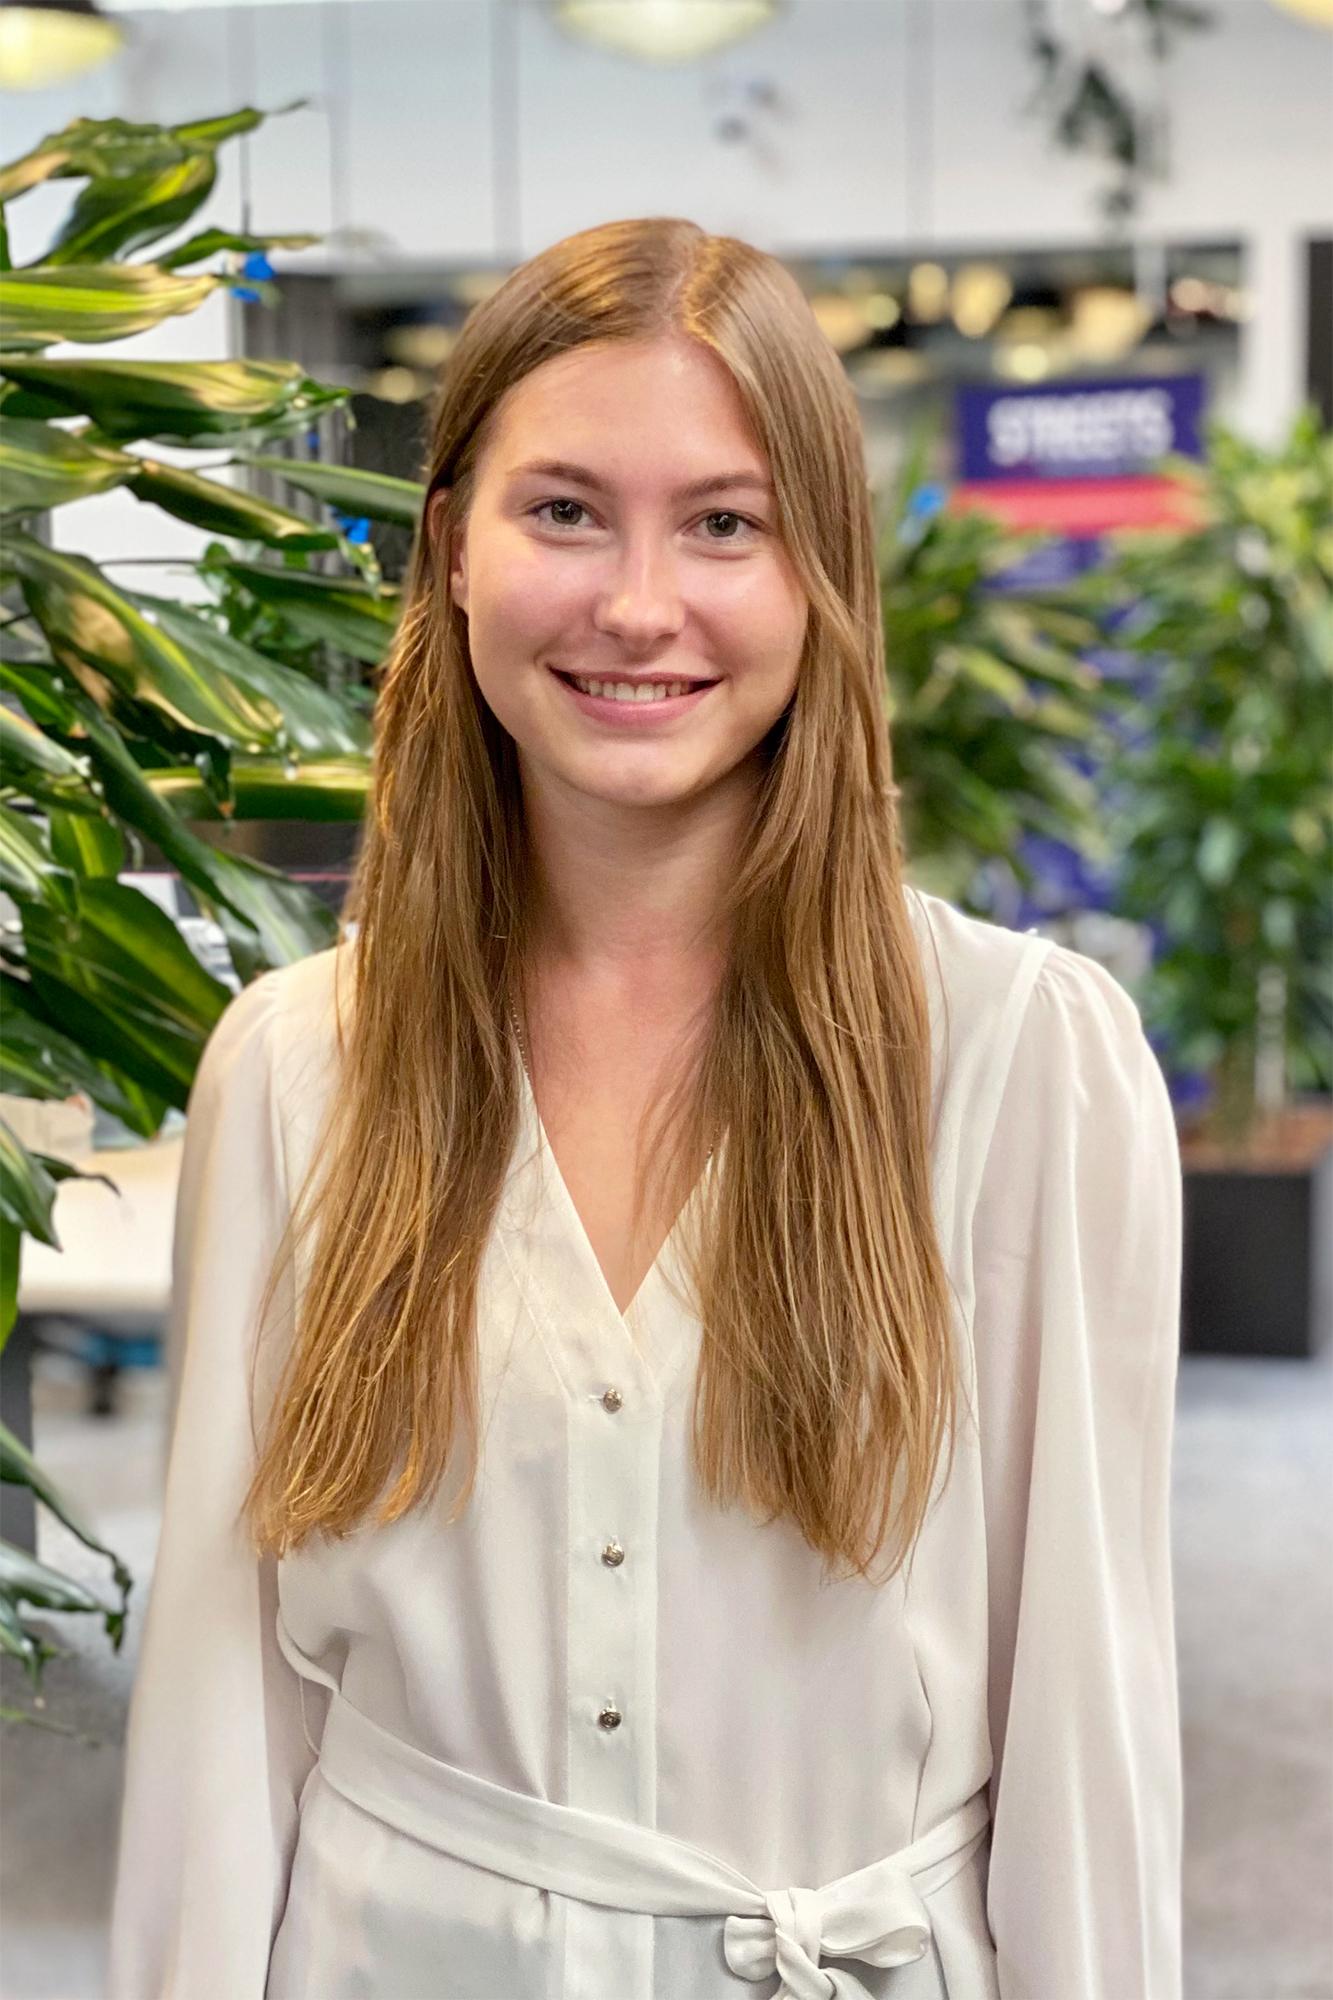 Amber De Smedt